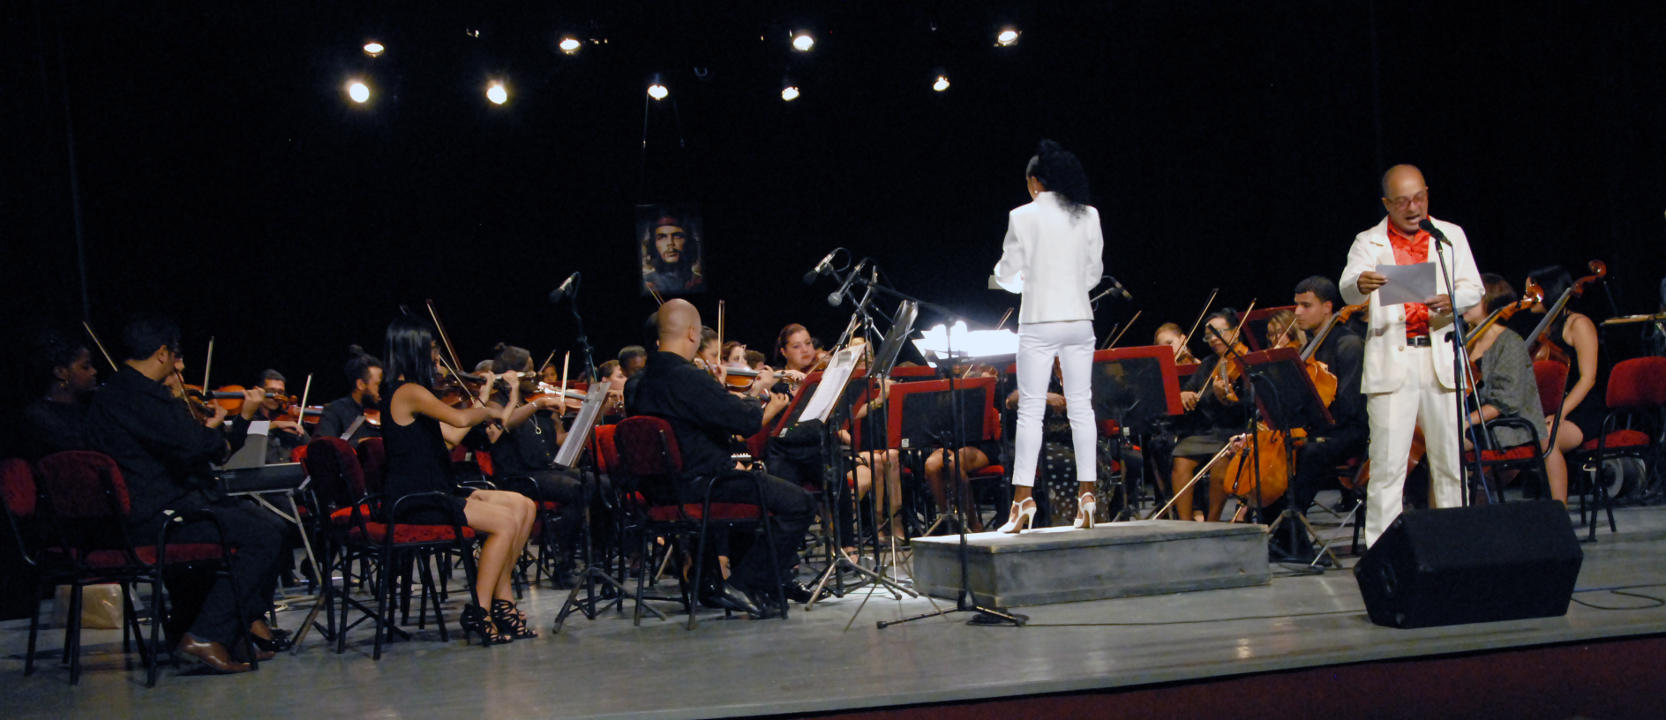 Jornada sinfónica en Cuba rinde homenaje al Che Guevara